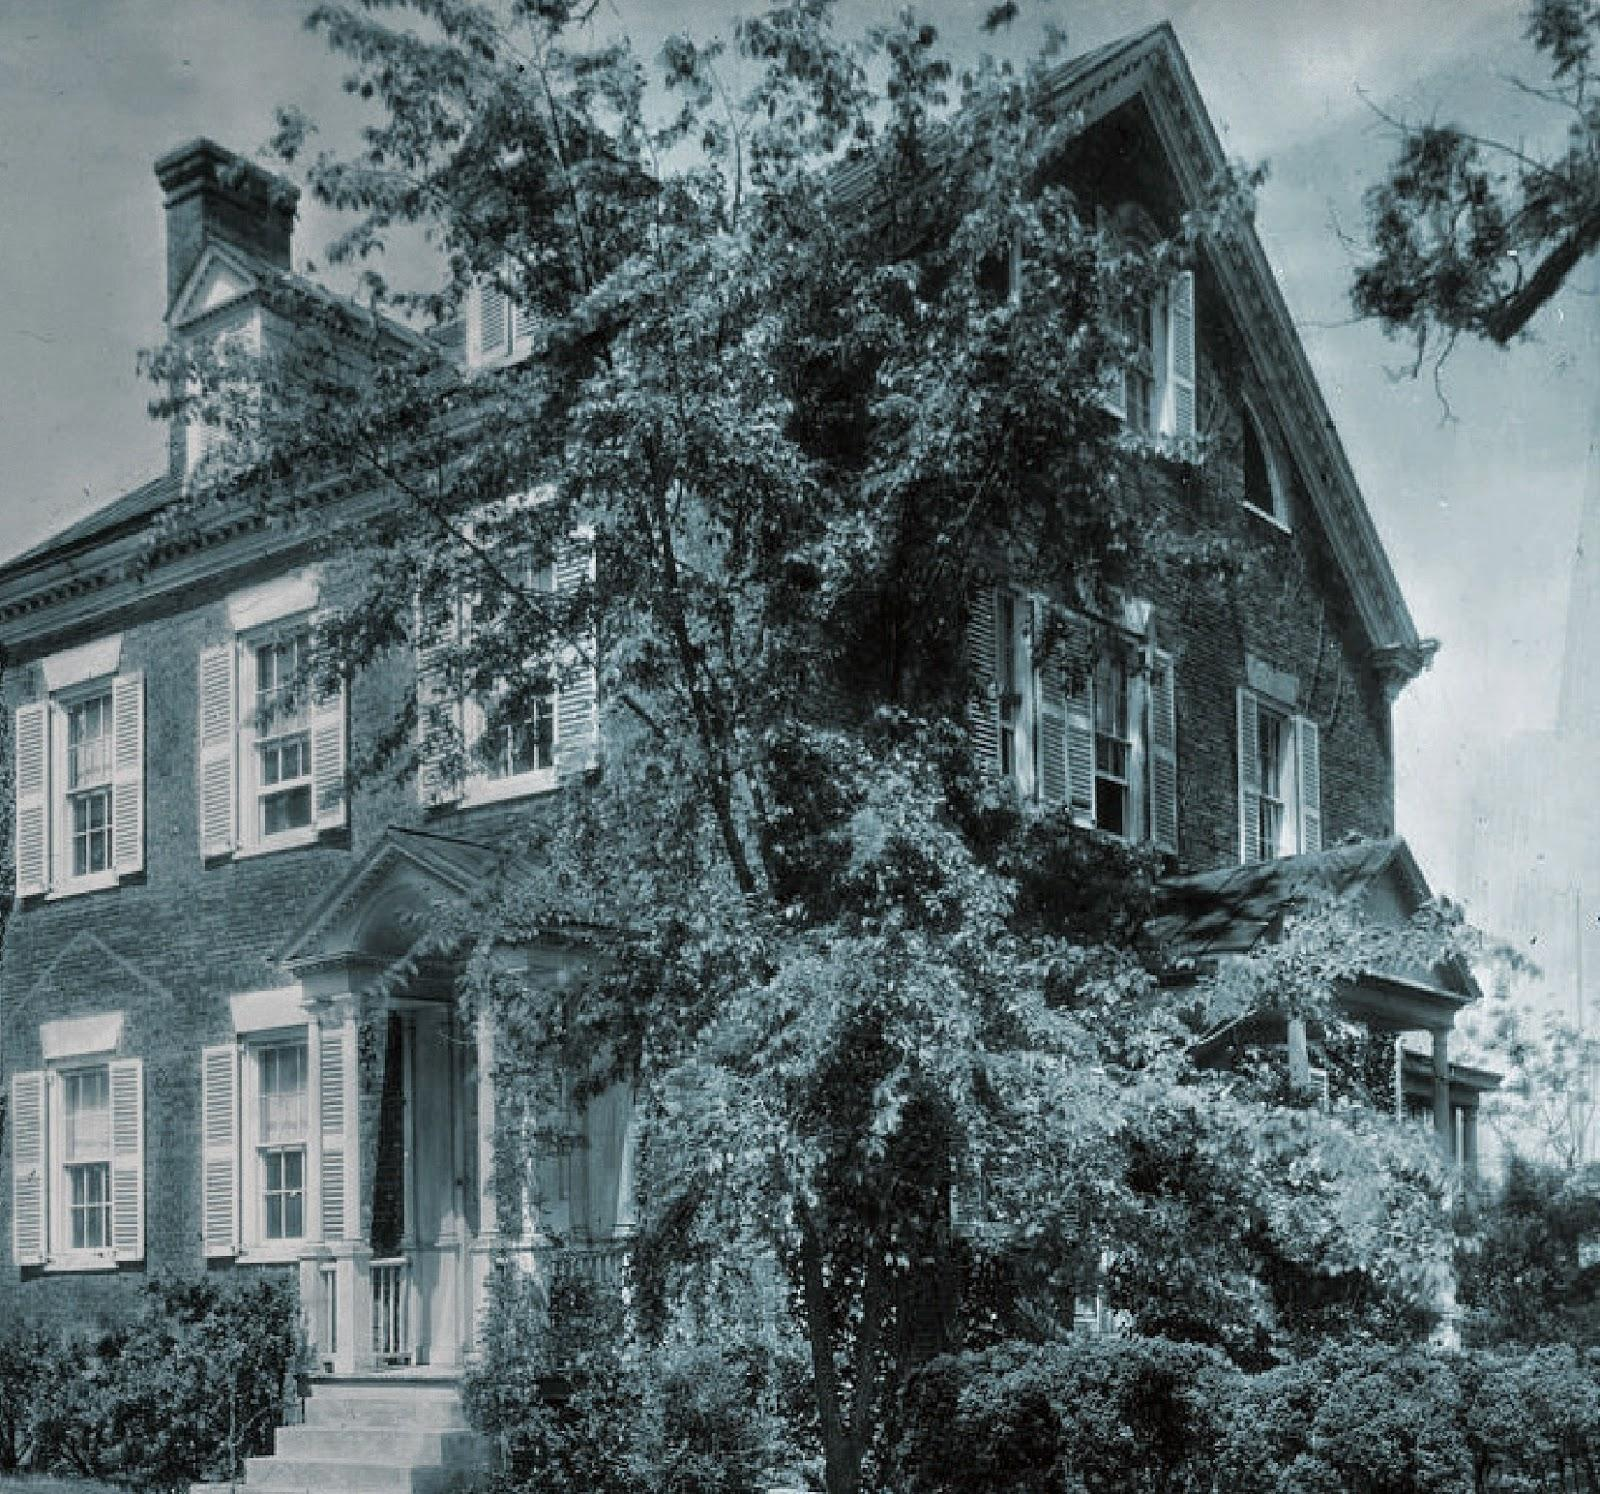 La casa sfitta – Dickens, Collins, Gaskell e Procter